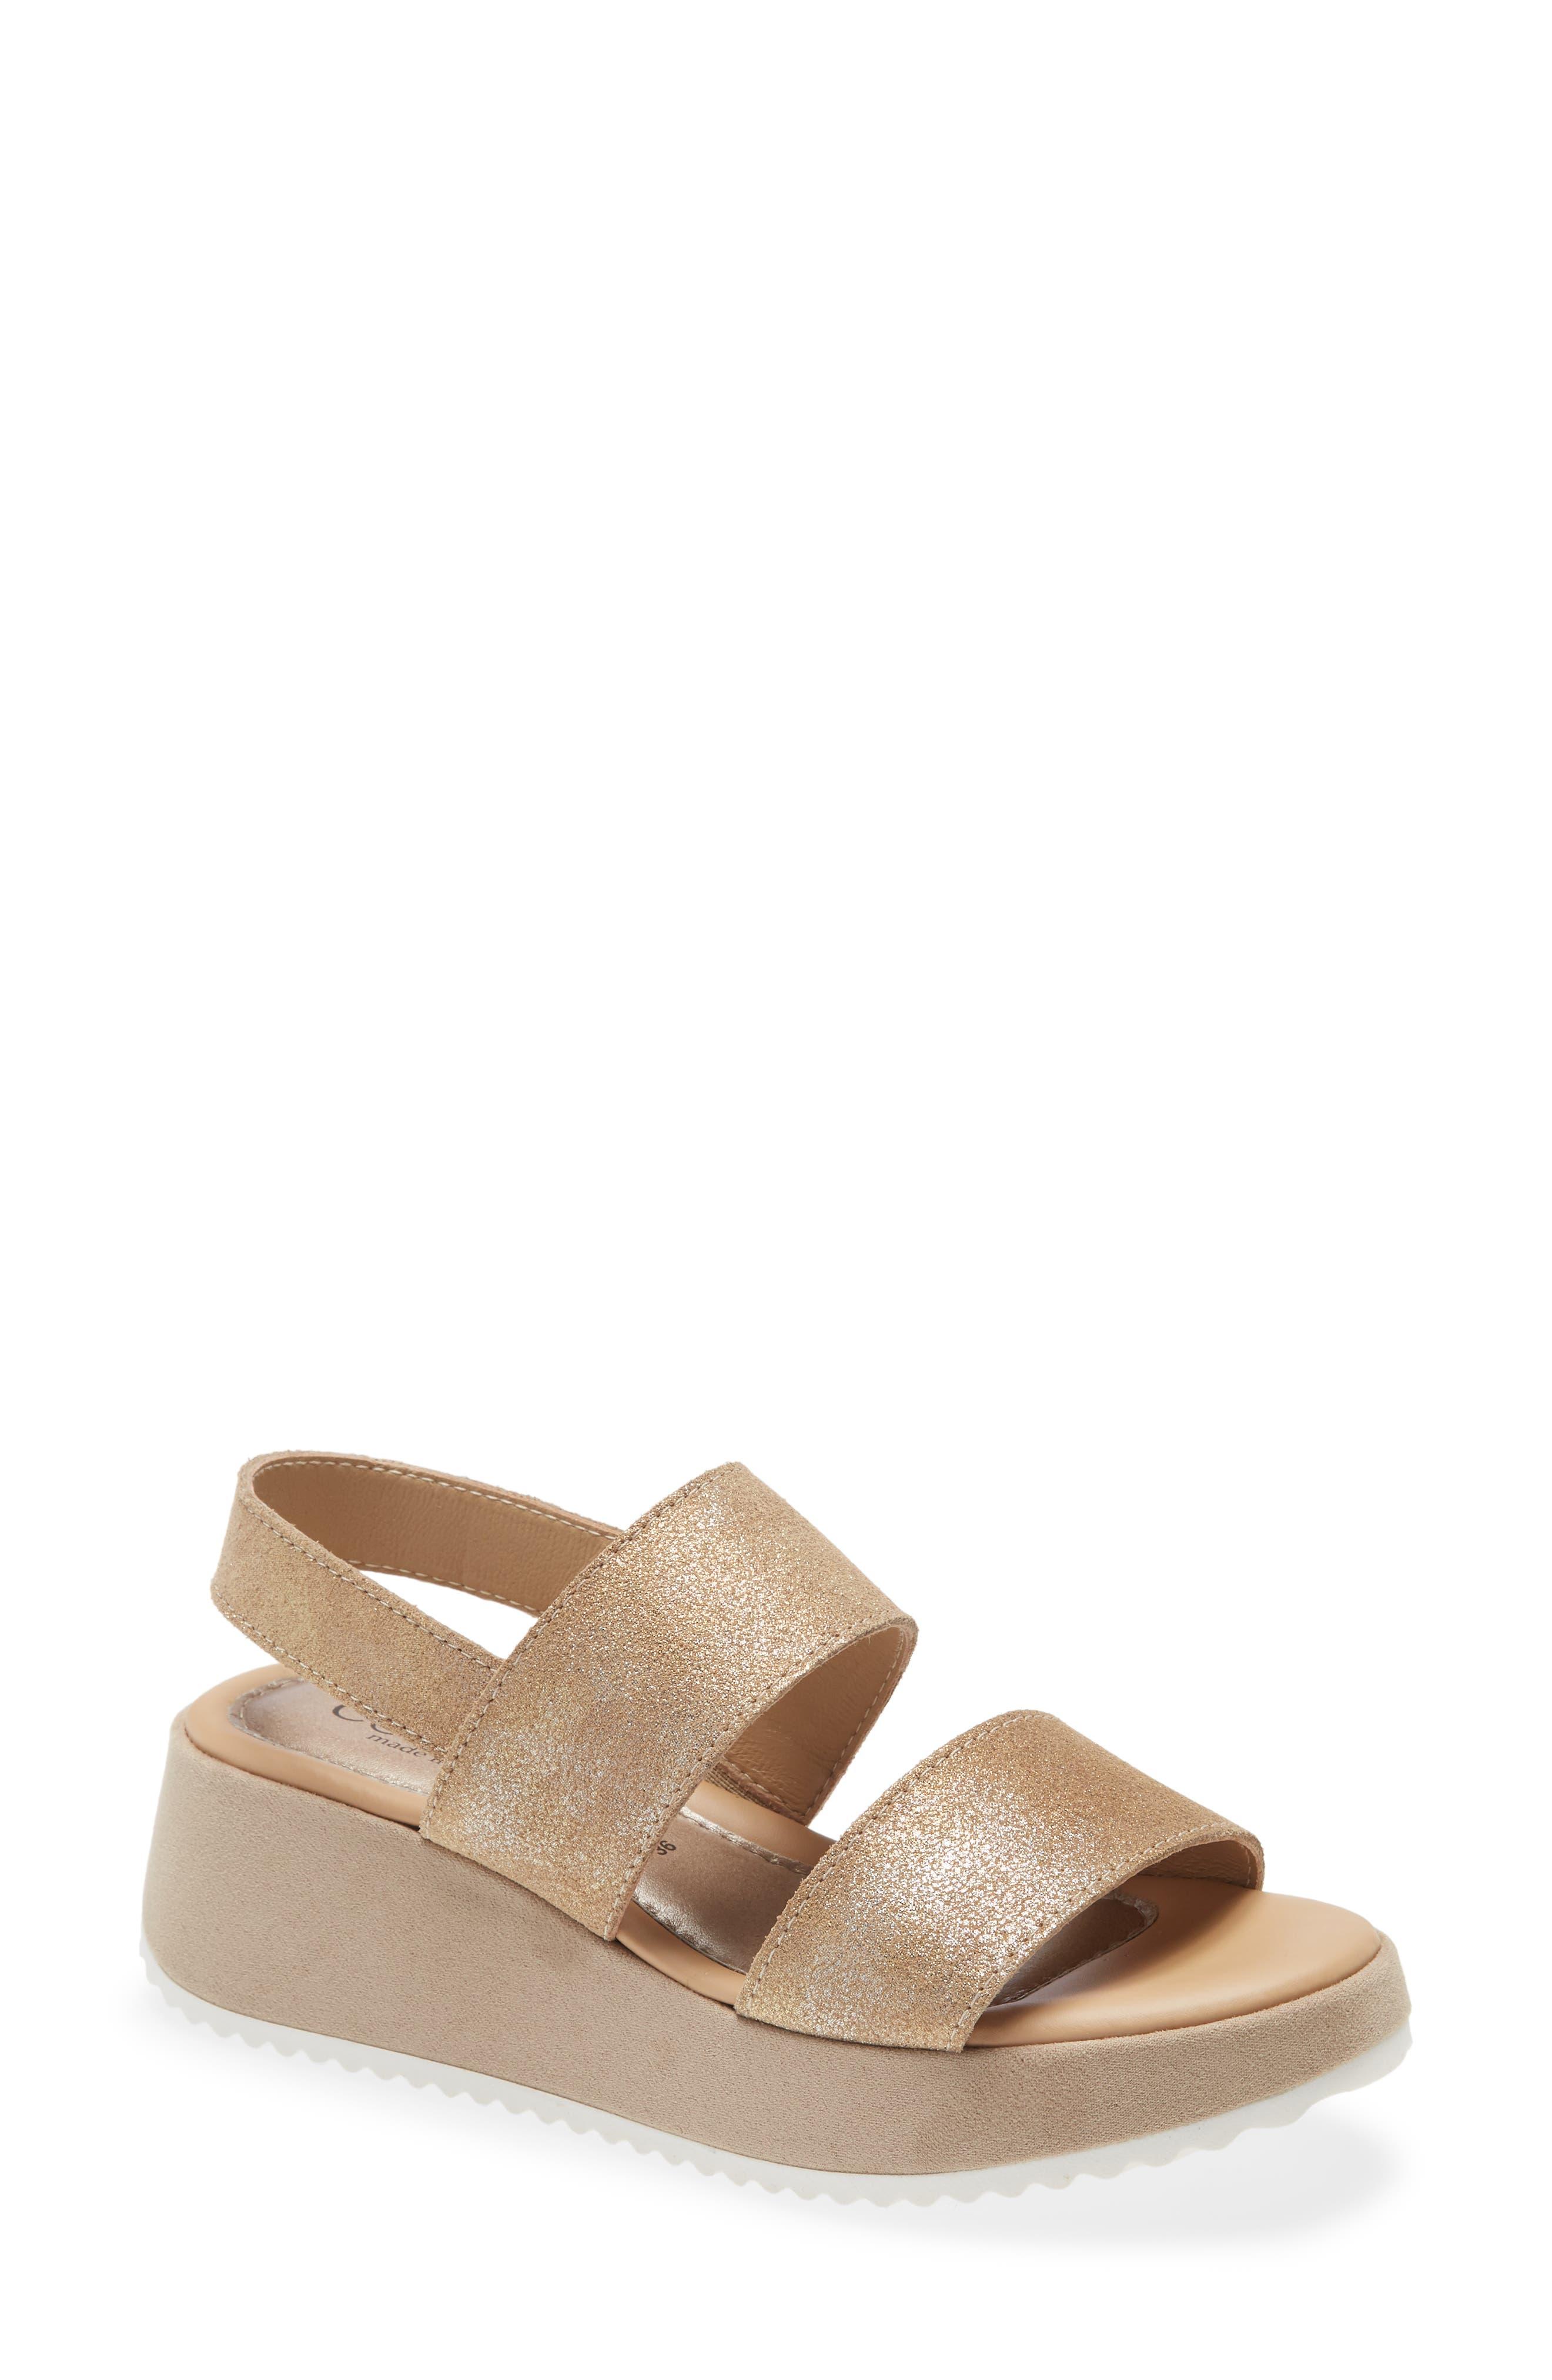 Alisha Wedge Slingback Sandal